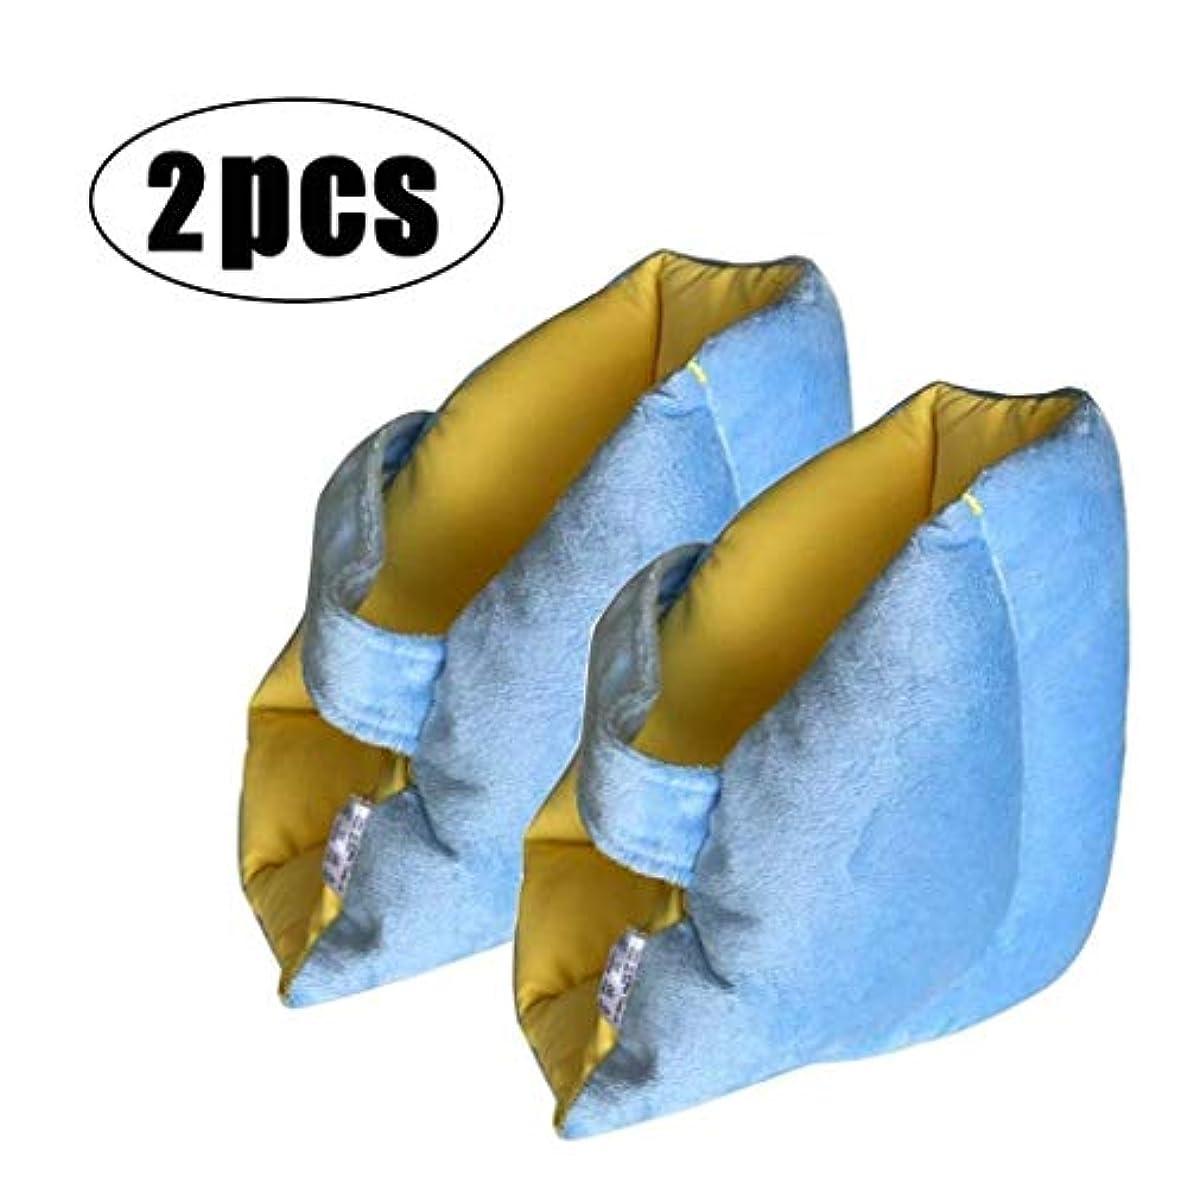 フォームの間でスライムTONGSH 足サポート枕、足圧を緩和するためのヒールクッションプロテクター枕、青 (Color : 2Pc)